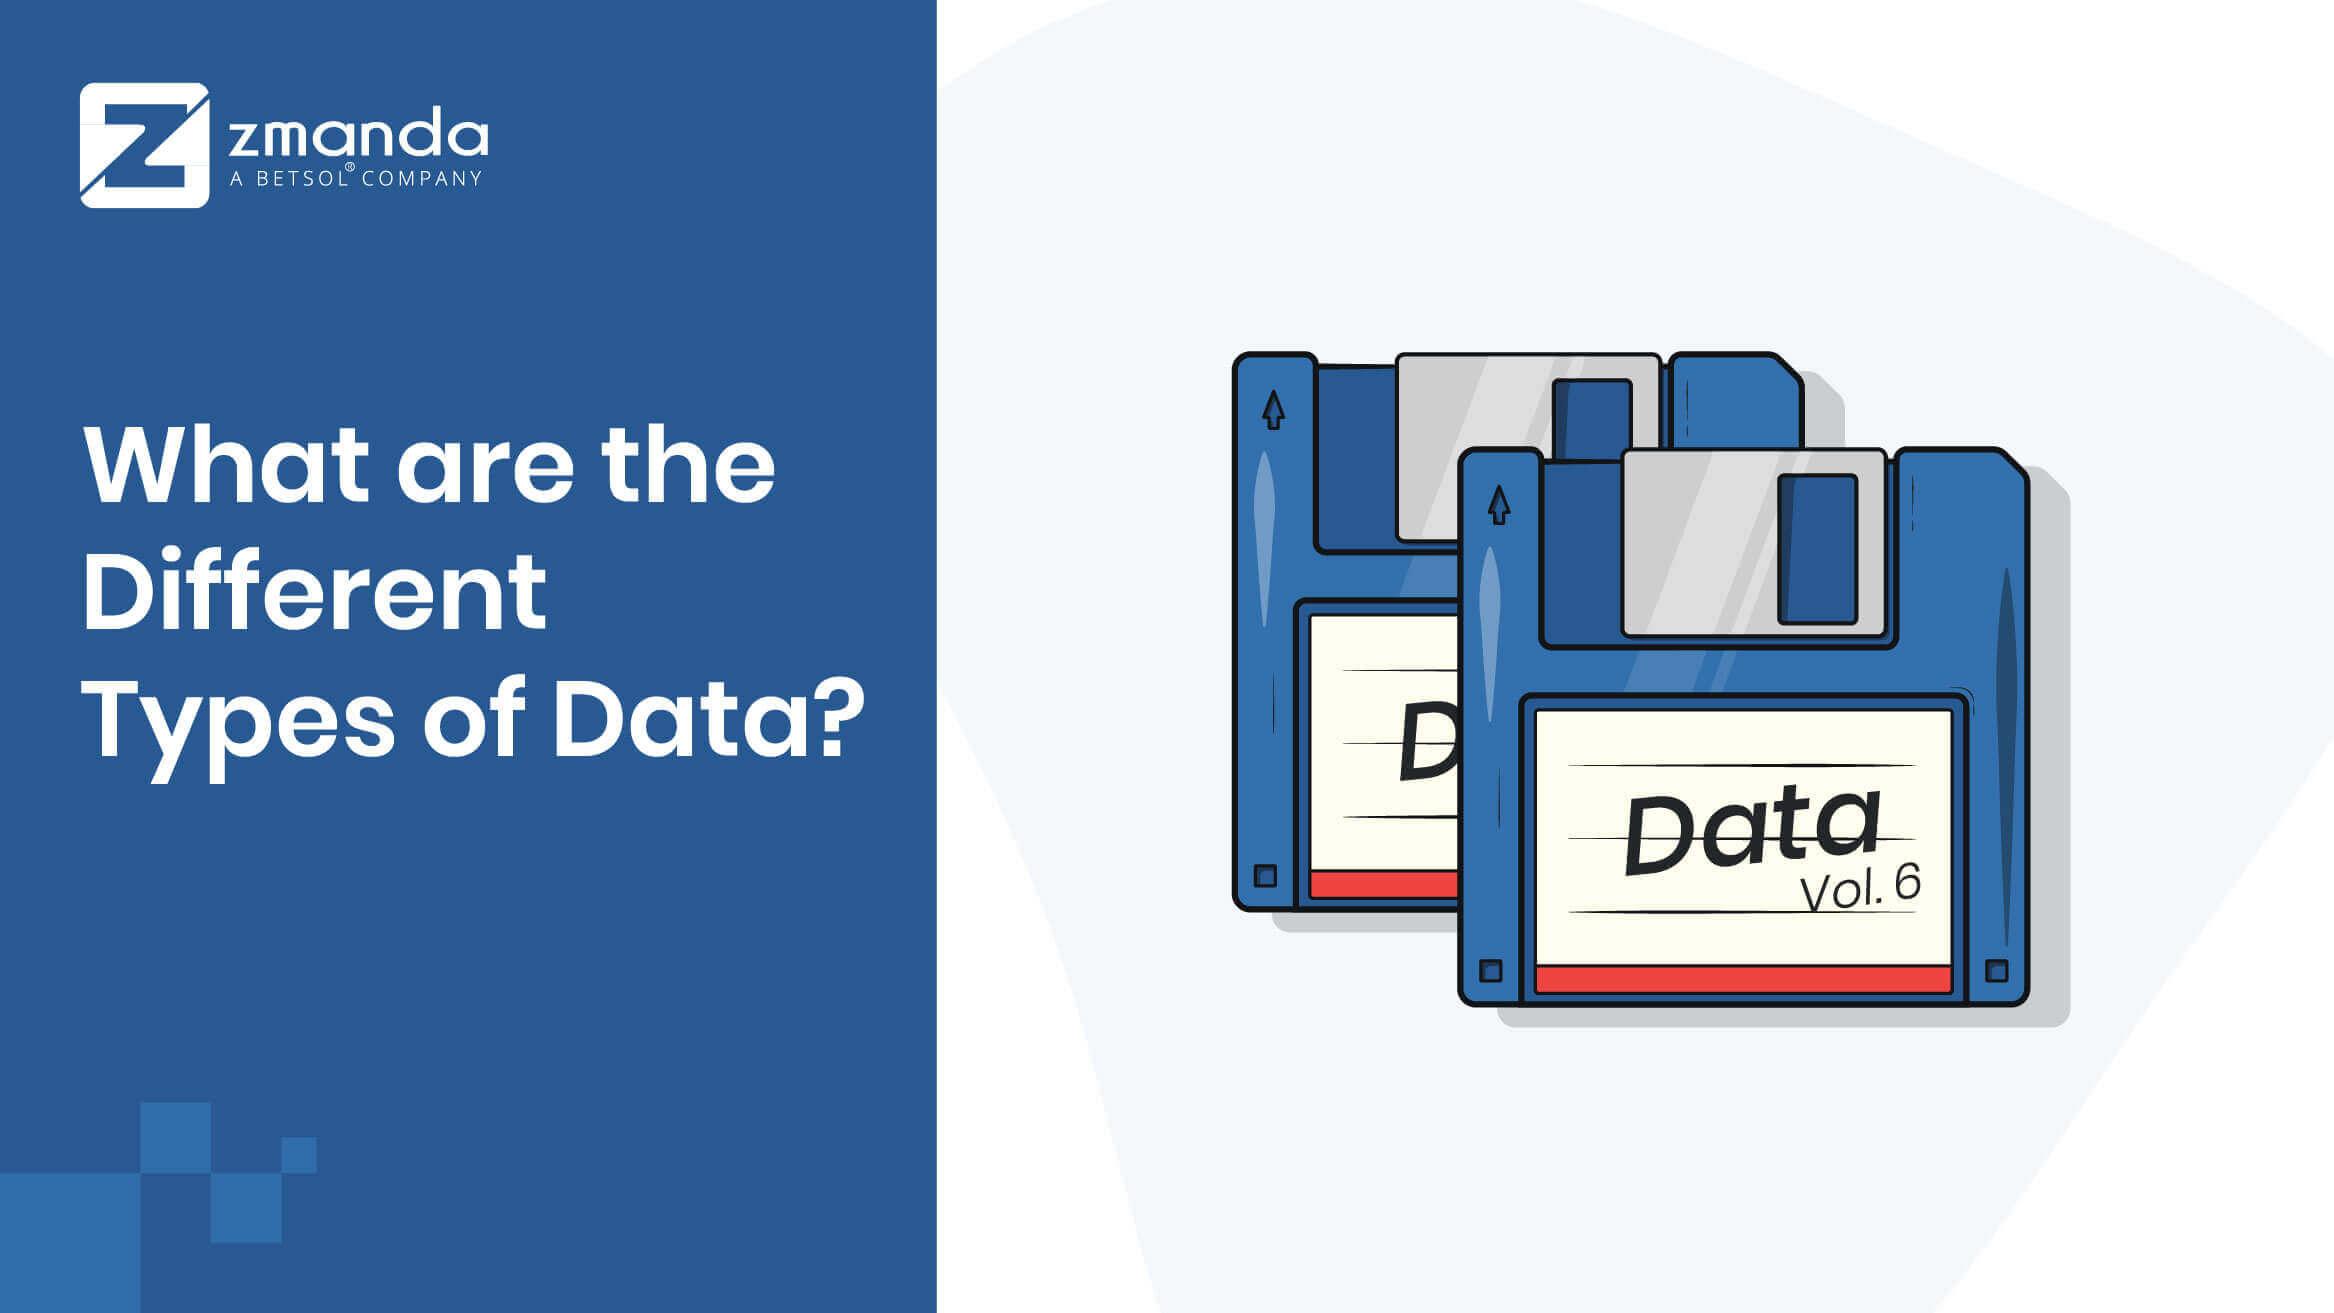 비즈니스 용 데이터 유형에는 어떤 것이 있습니까?